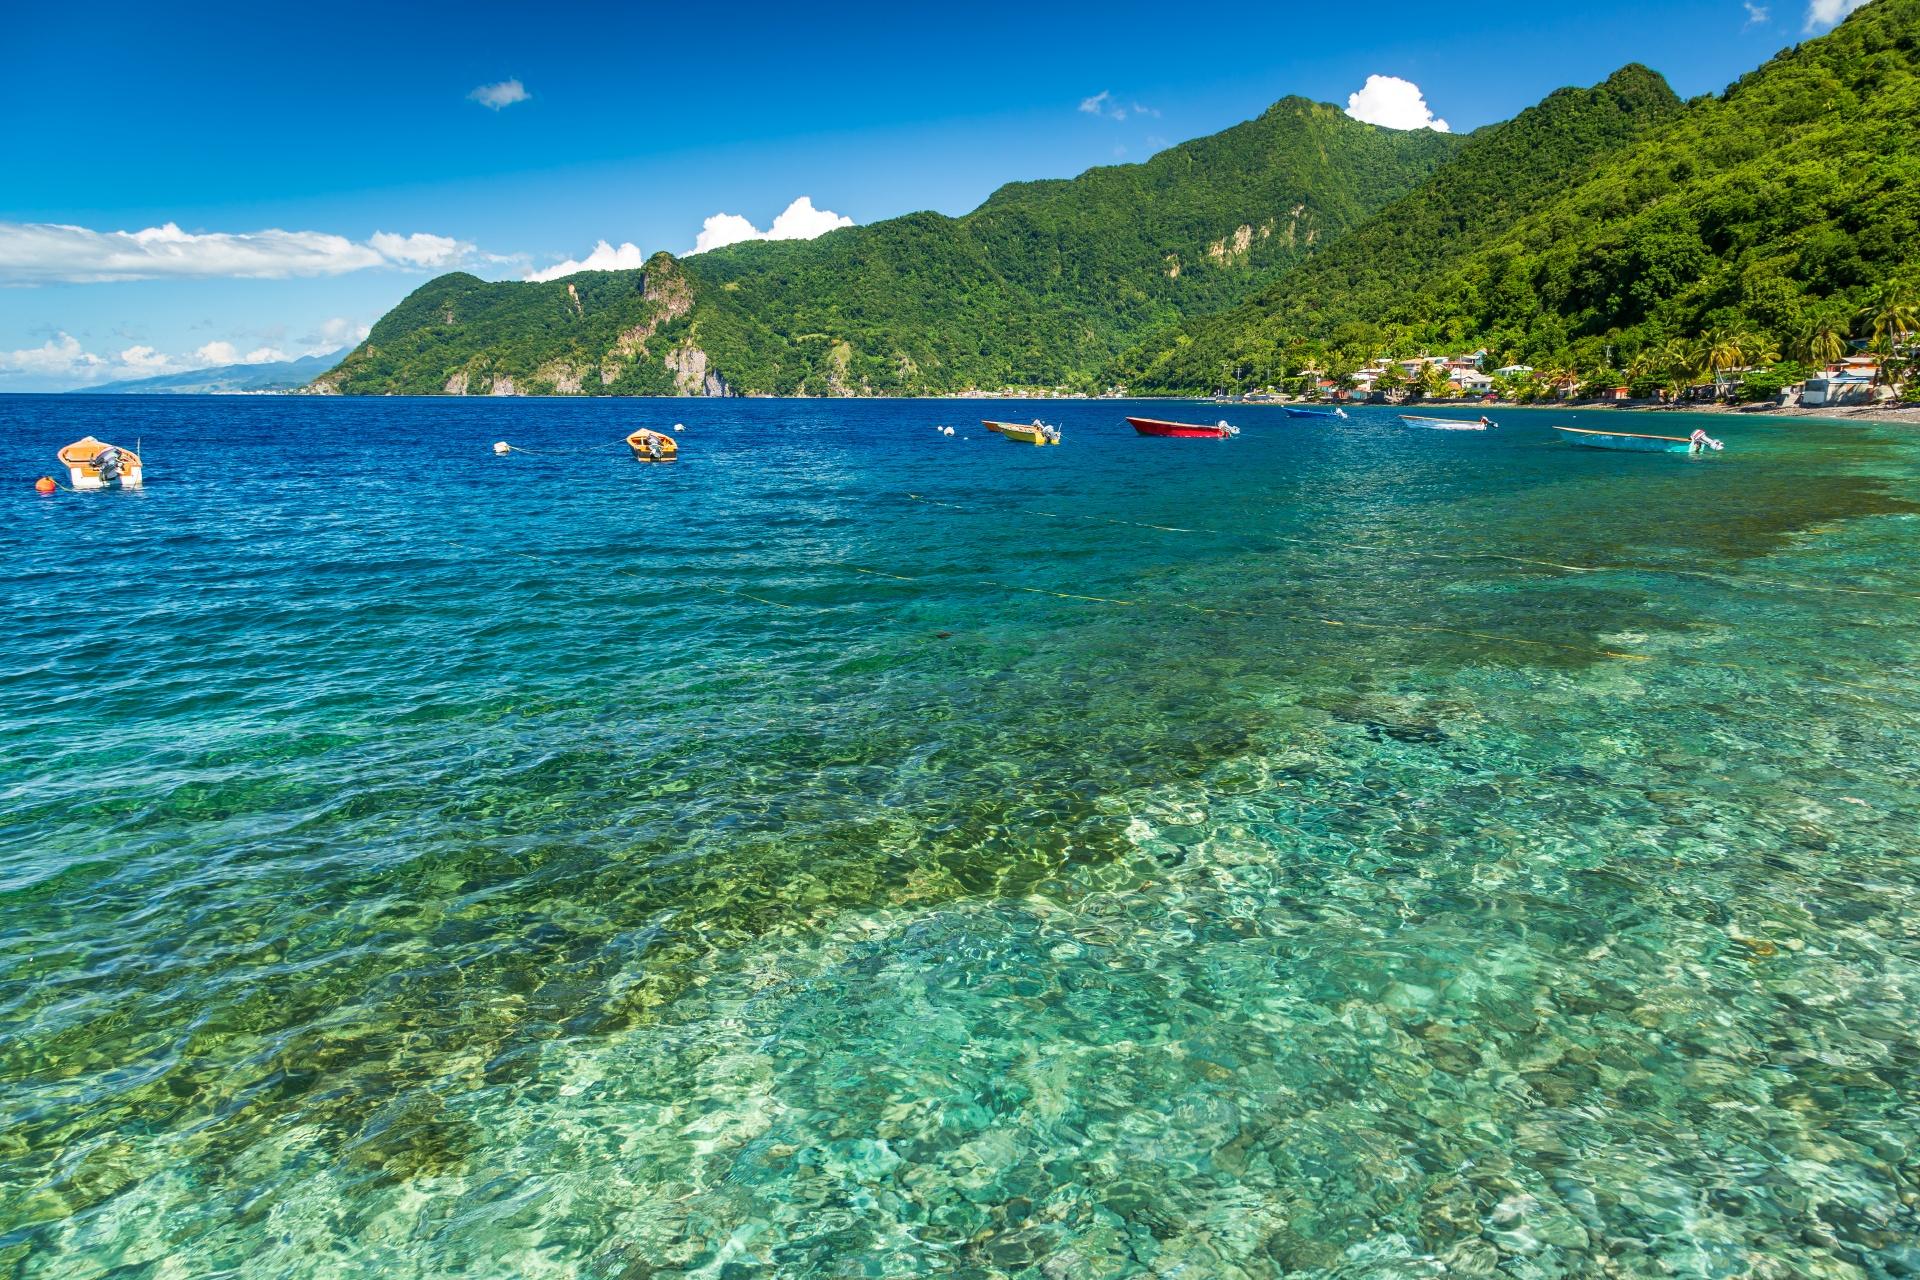 スーフリエール湾の風景 ドミニカの風景